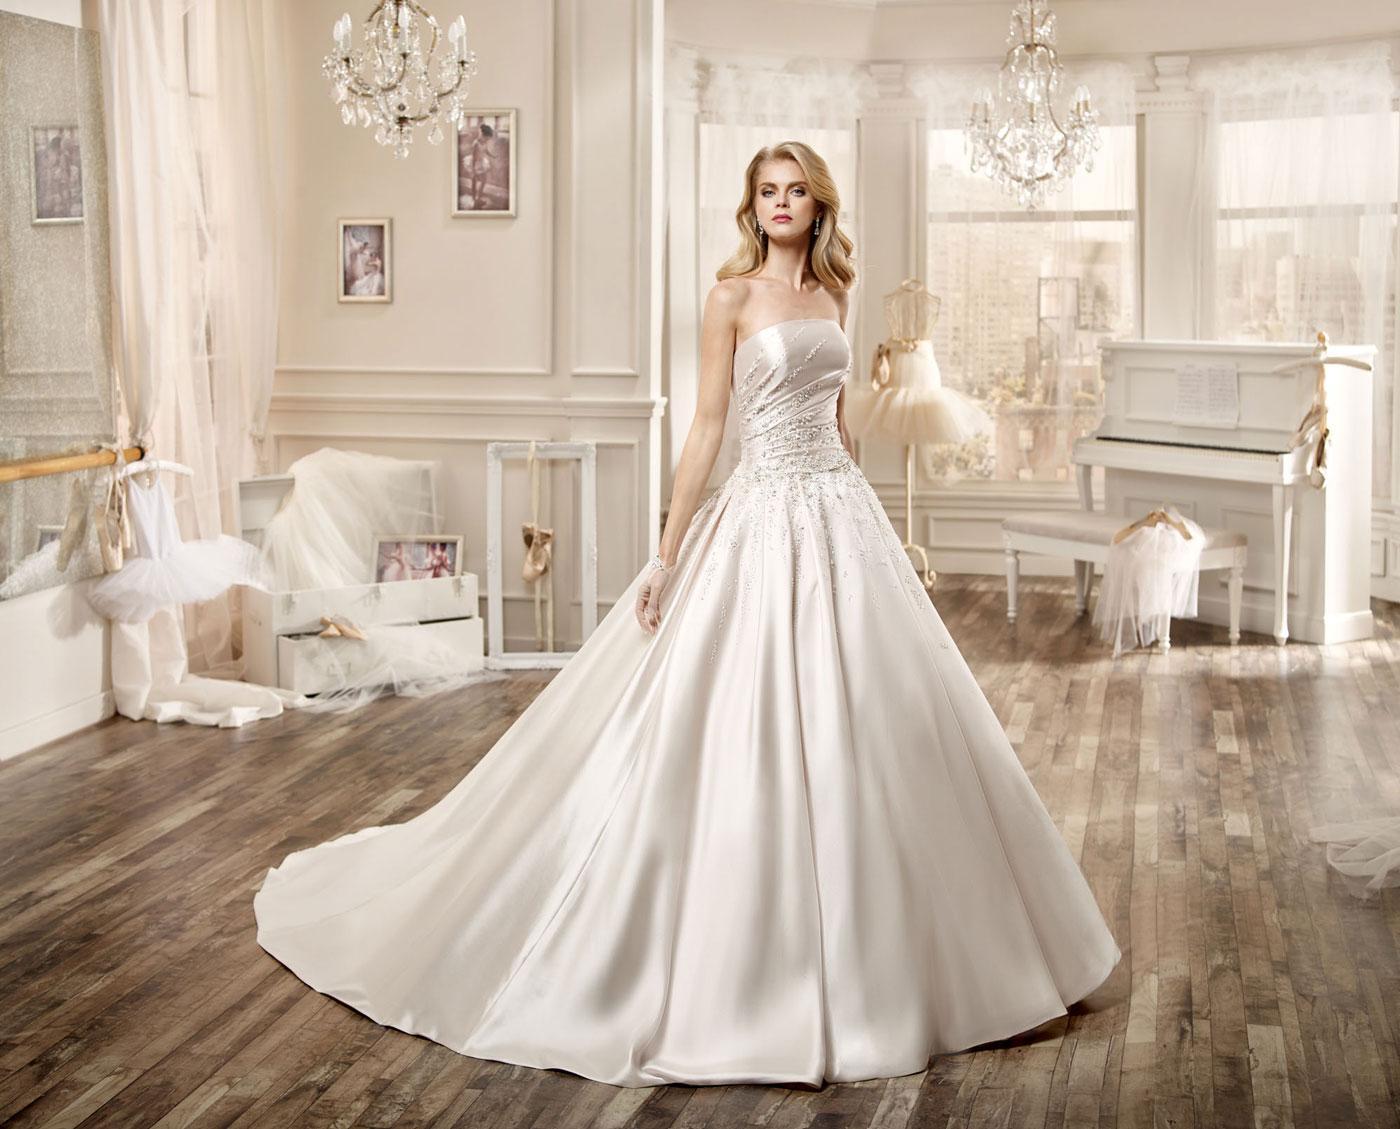 Preferenza Nicole Spose collezione 2016 abiti sposa17 | ABITI DA SPOSA EL08